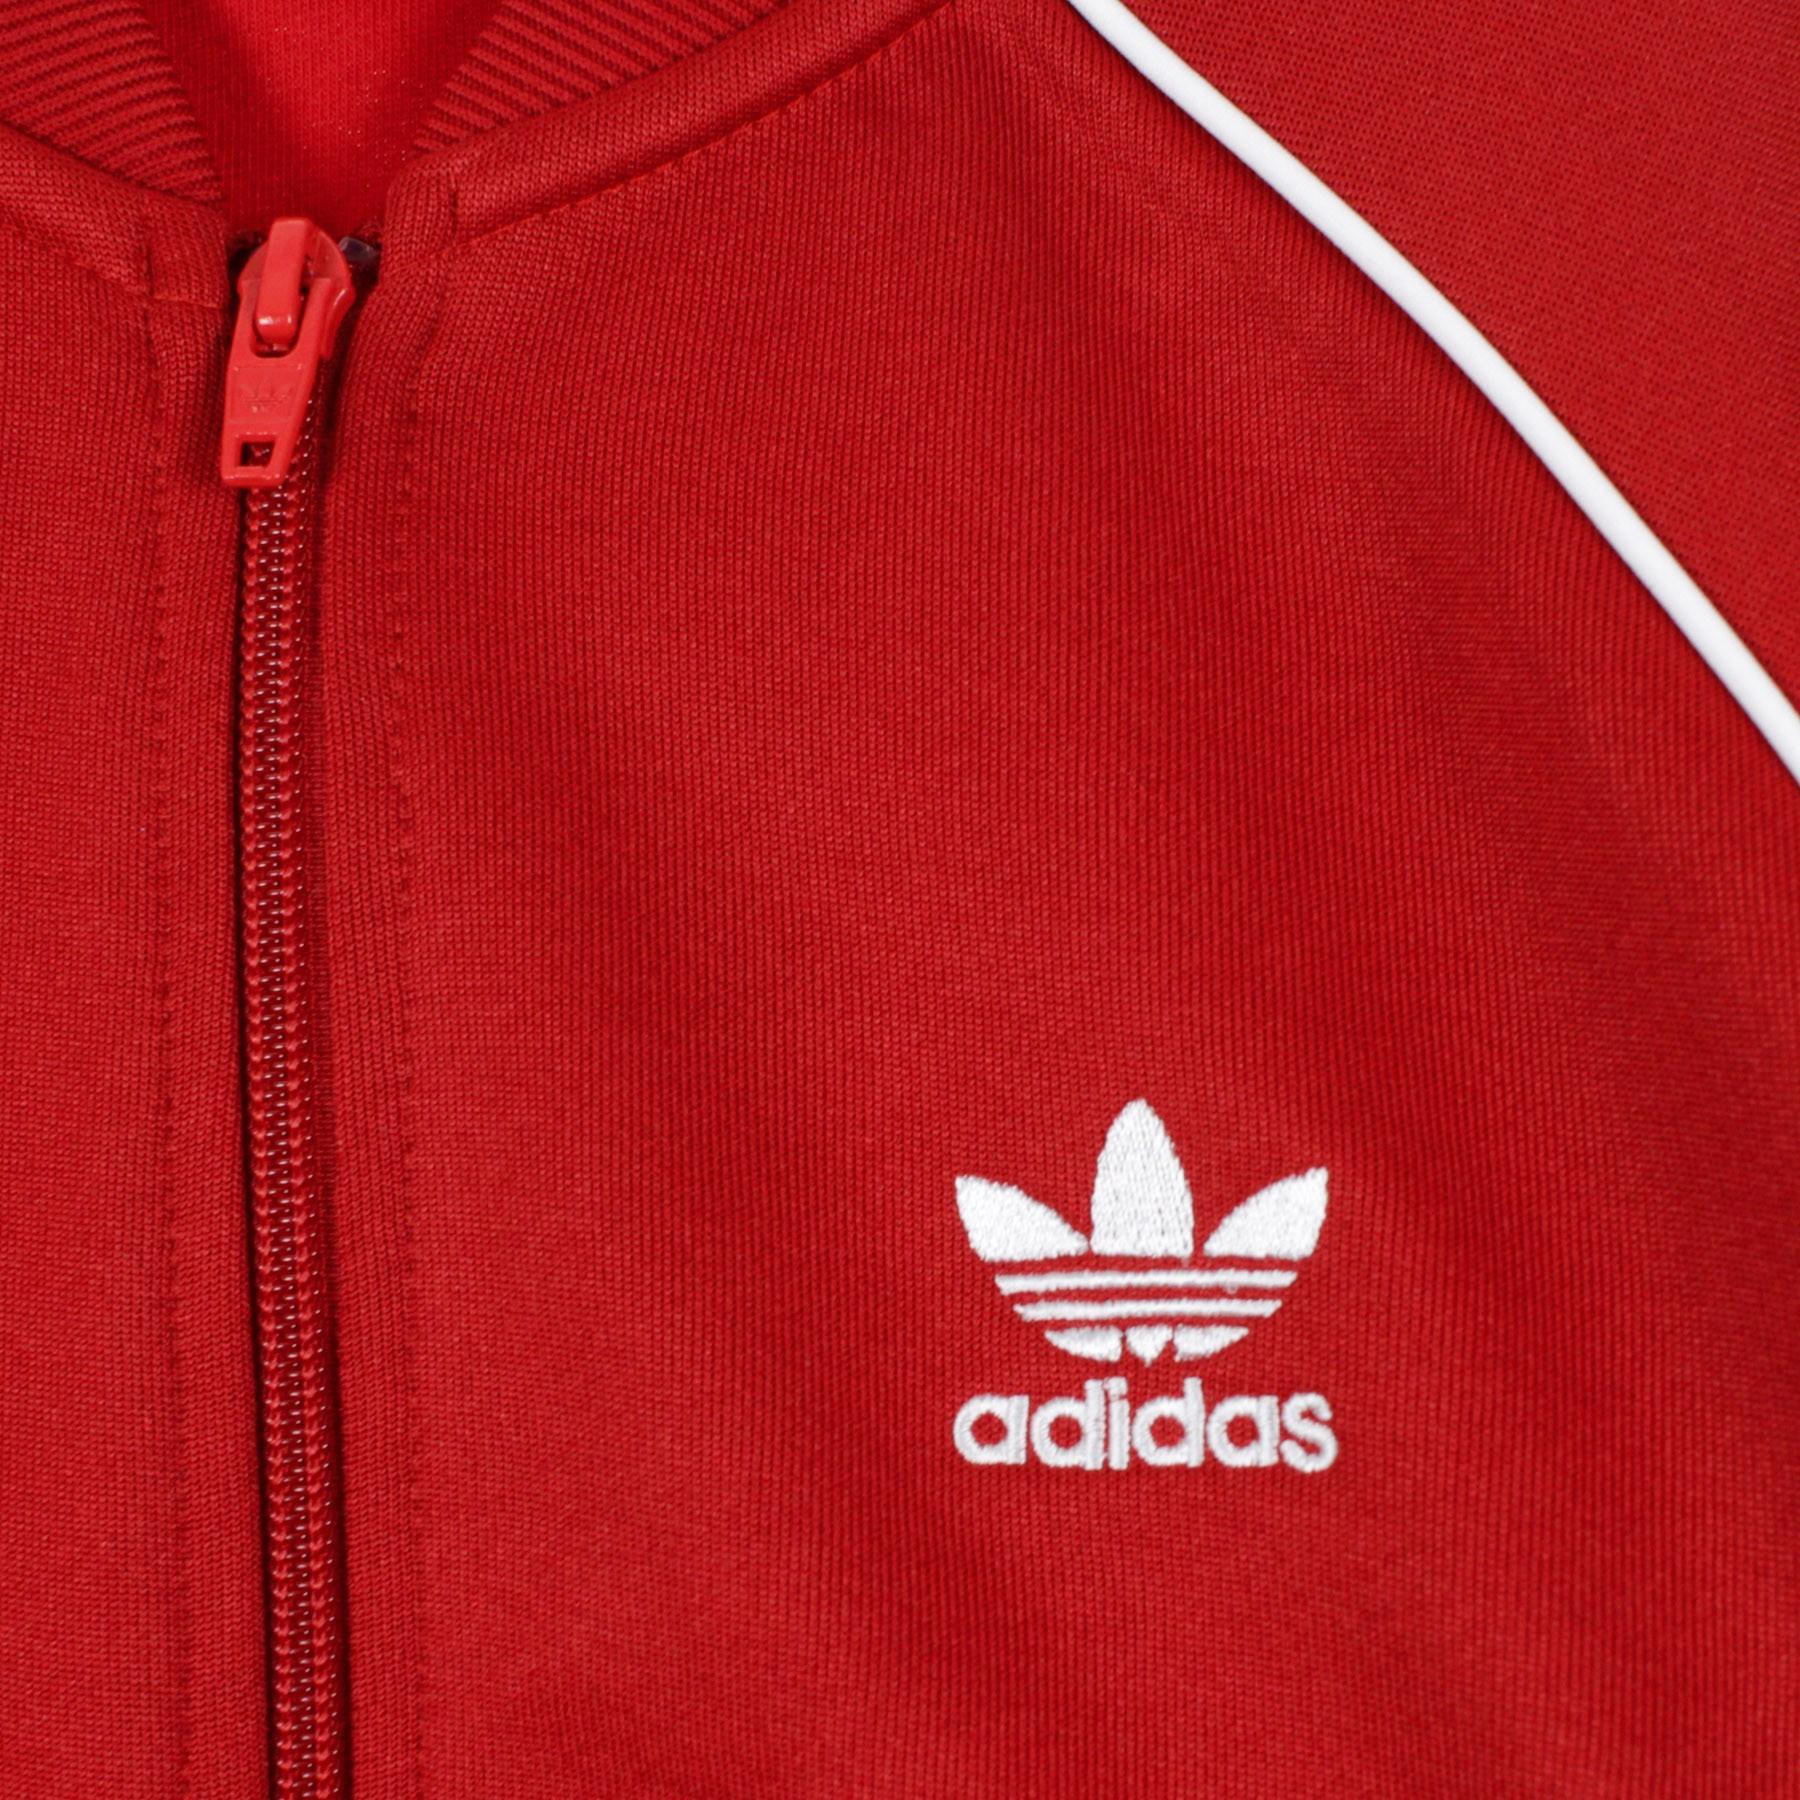 e754f1f4a adidas sst tt jacket red